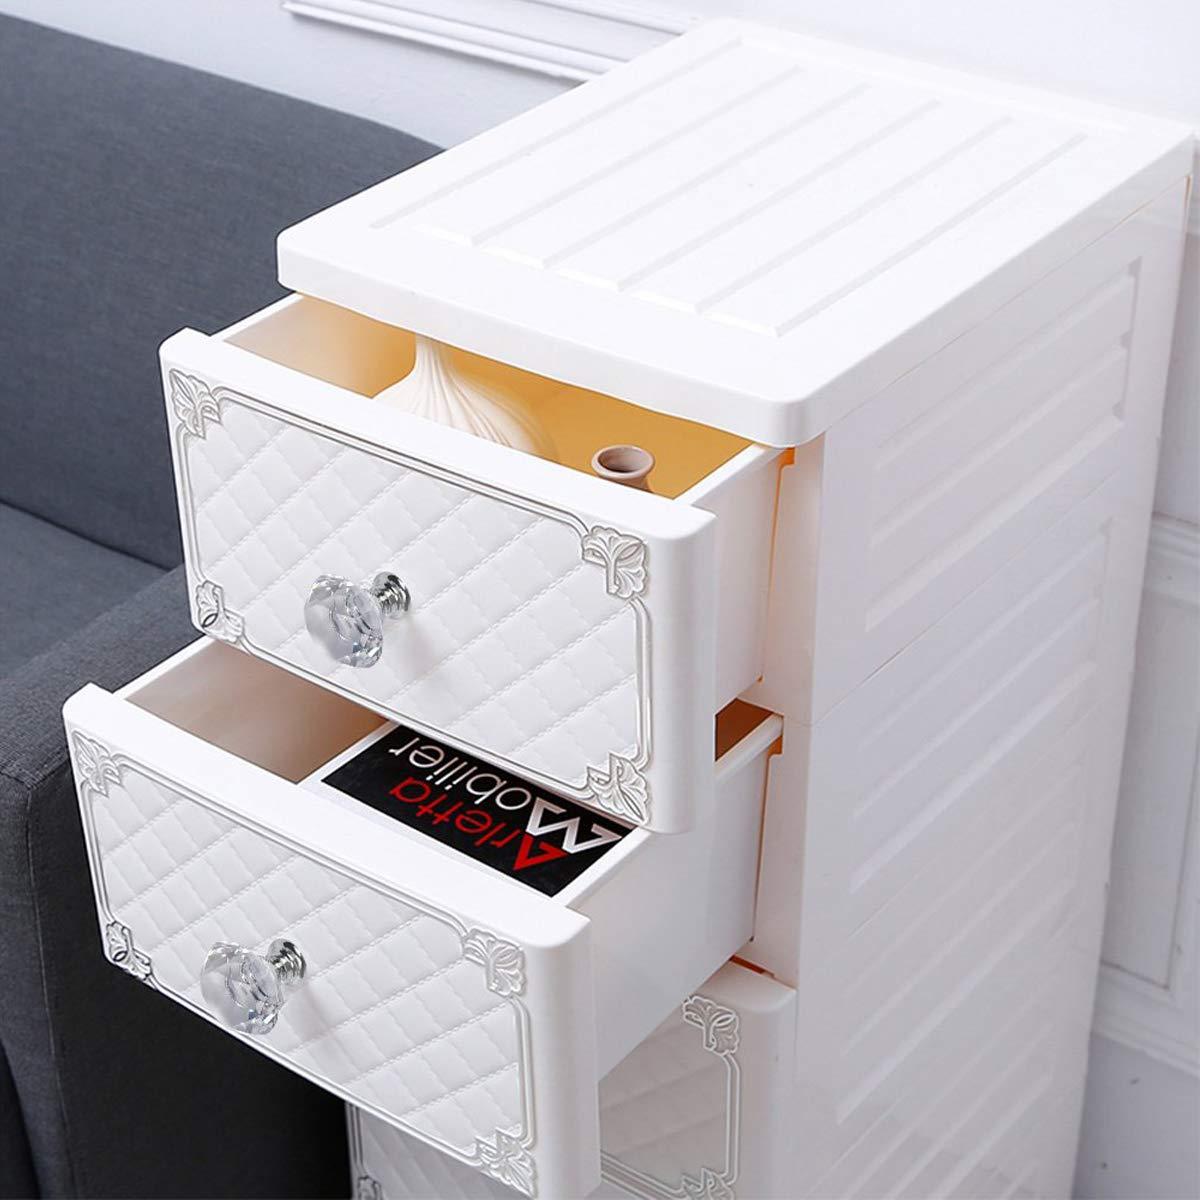 Mengger Pomos y Tiradores de Muebles 12 Piezas Transparente Vidrio Tiradores Cristal 30mm con Tornillos Pomos Puertas para armario dormitorio cocina Cajones Cocina Gabinetes Diamante Perillas